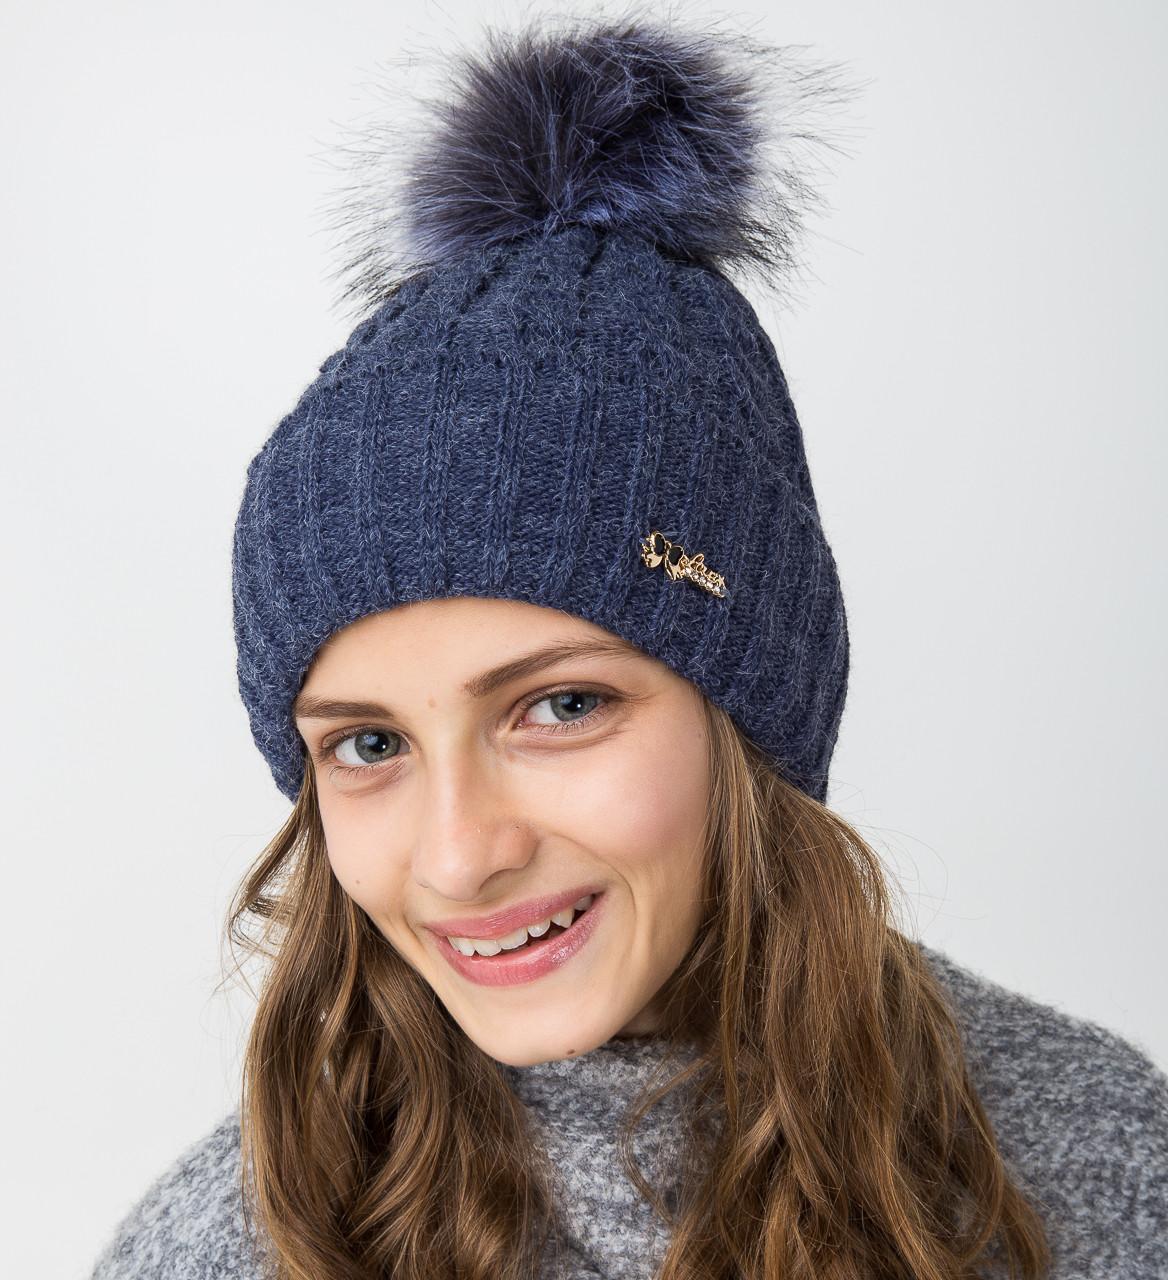 Вязанная шапка с меховым помпоном для девочек - Артикул 2122-4